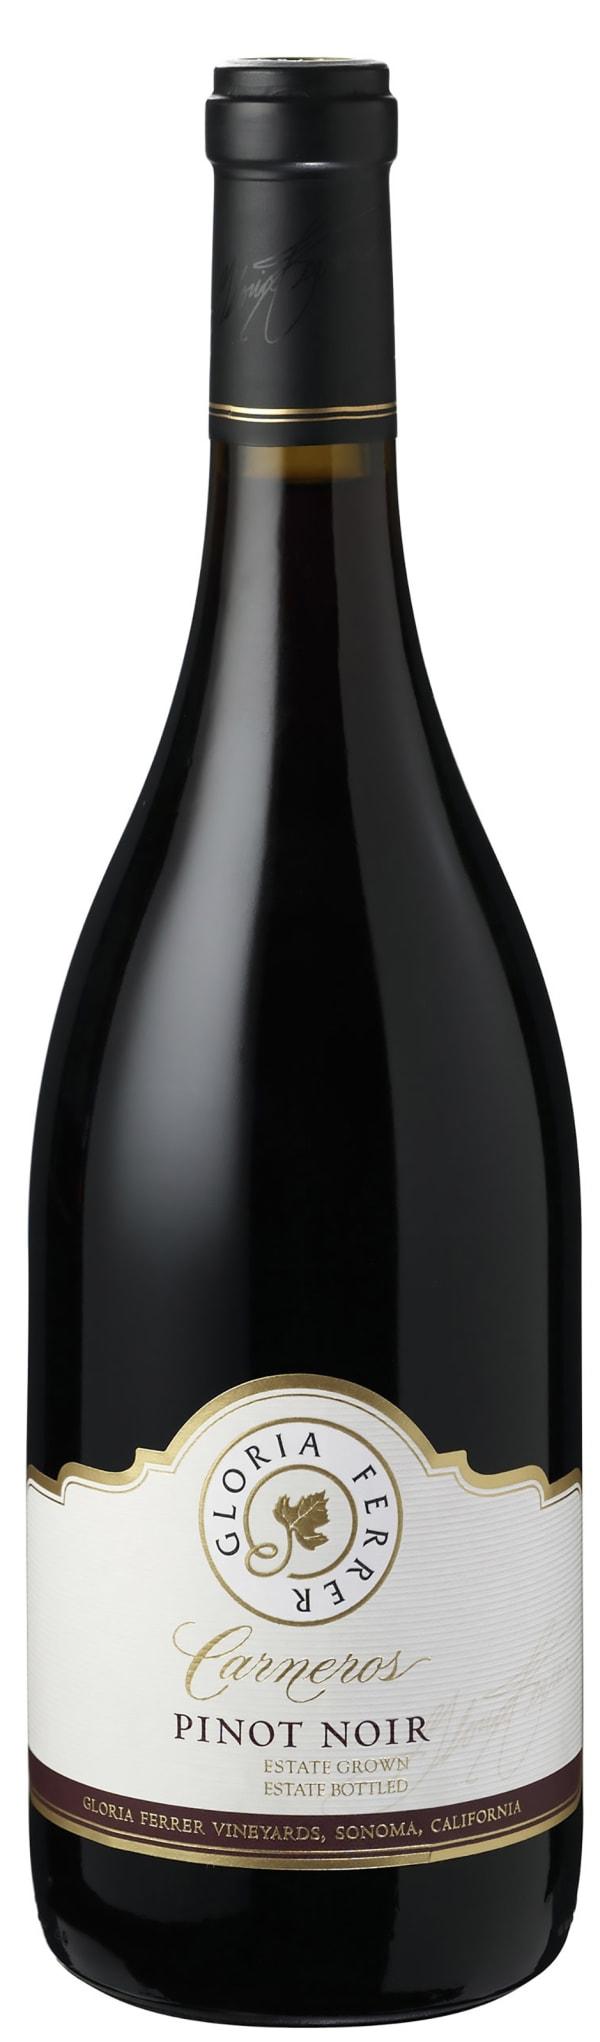 Gloria Ferrer Carneros Pinot Noir 2011